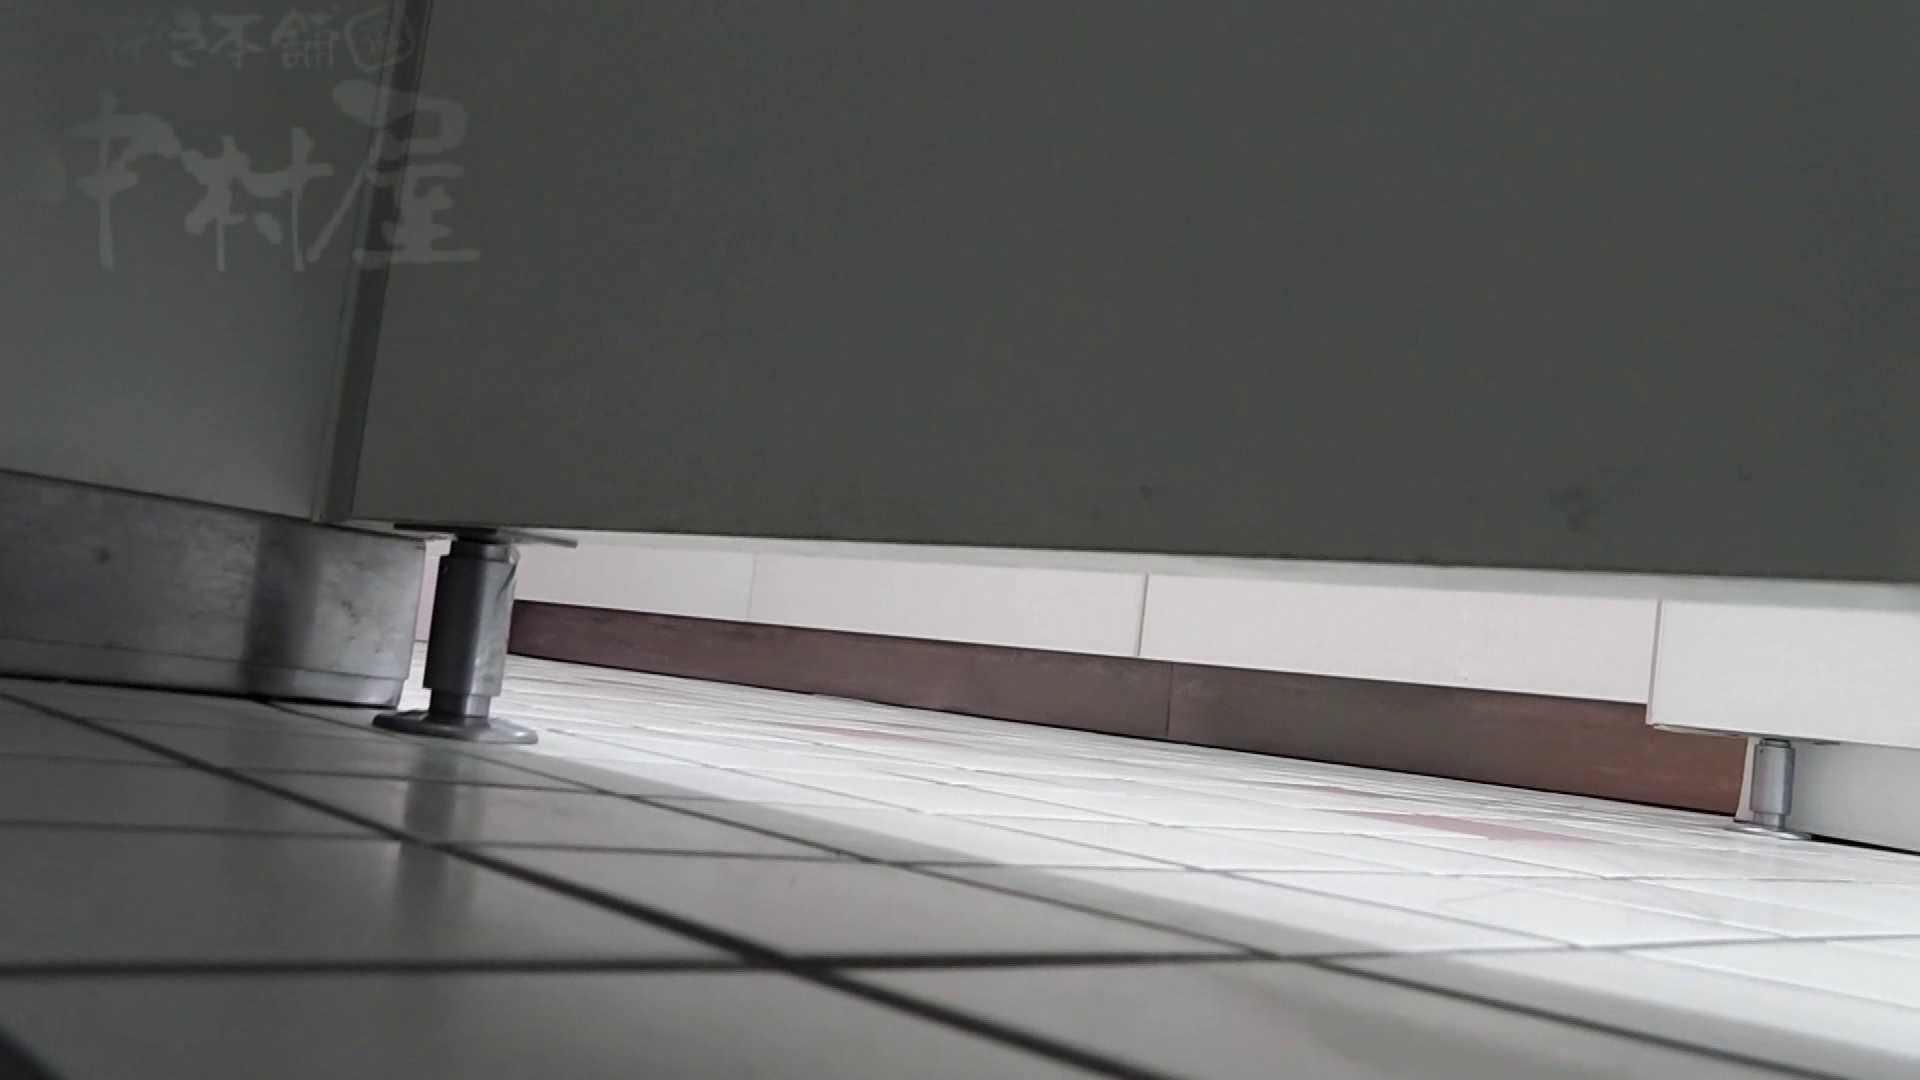 美しい日本の未来 No.26 美女偏差値オール90 女子トイレ セックス無修正動画無料 100連発 6